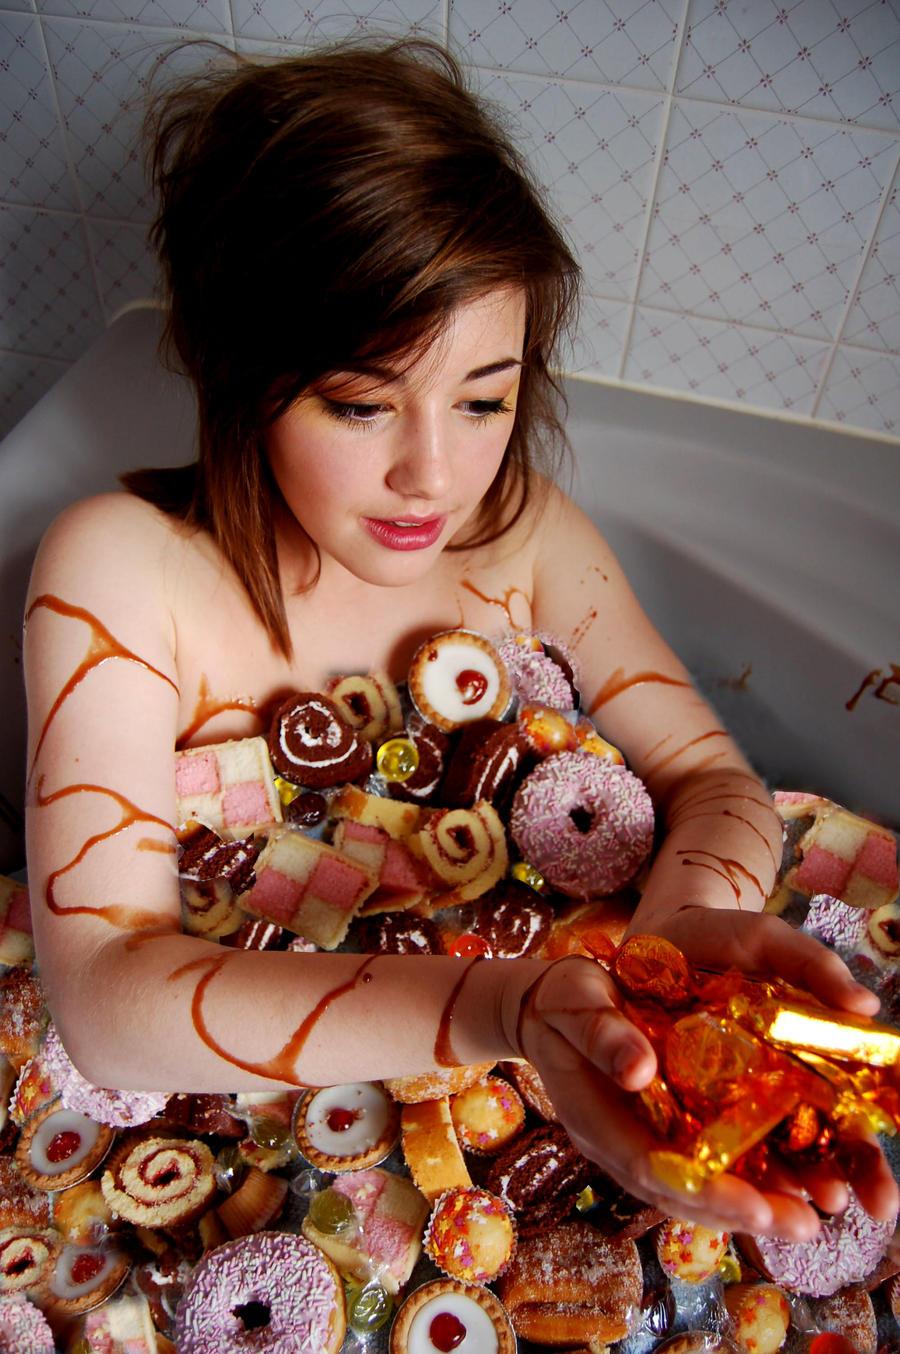 Фото девушки заняты делом 9 фотография